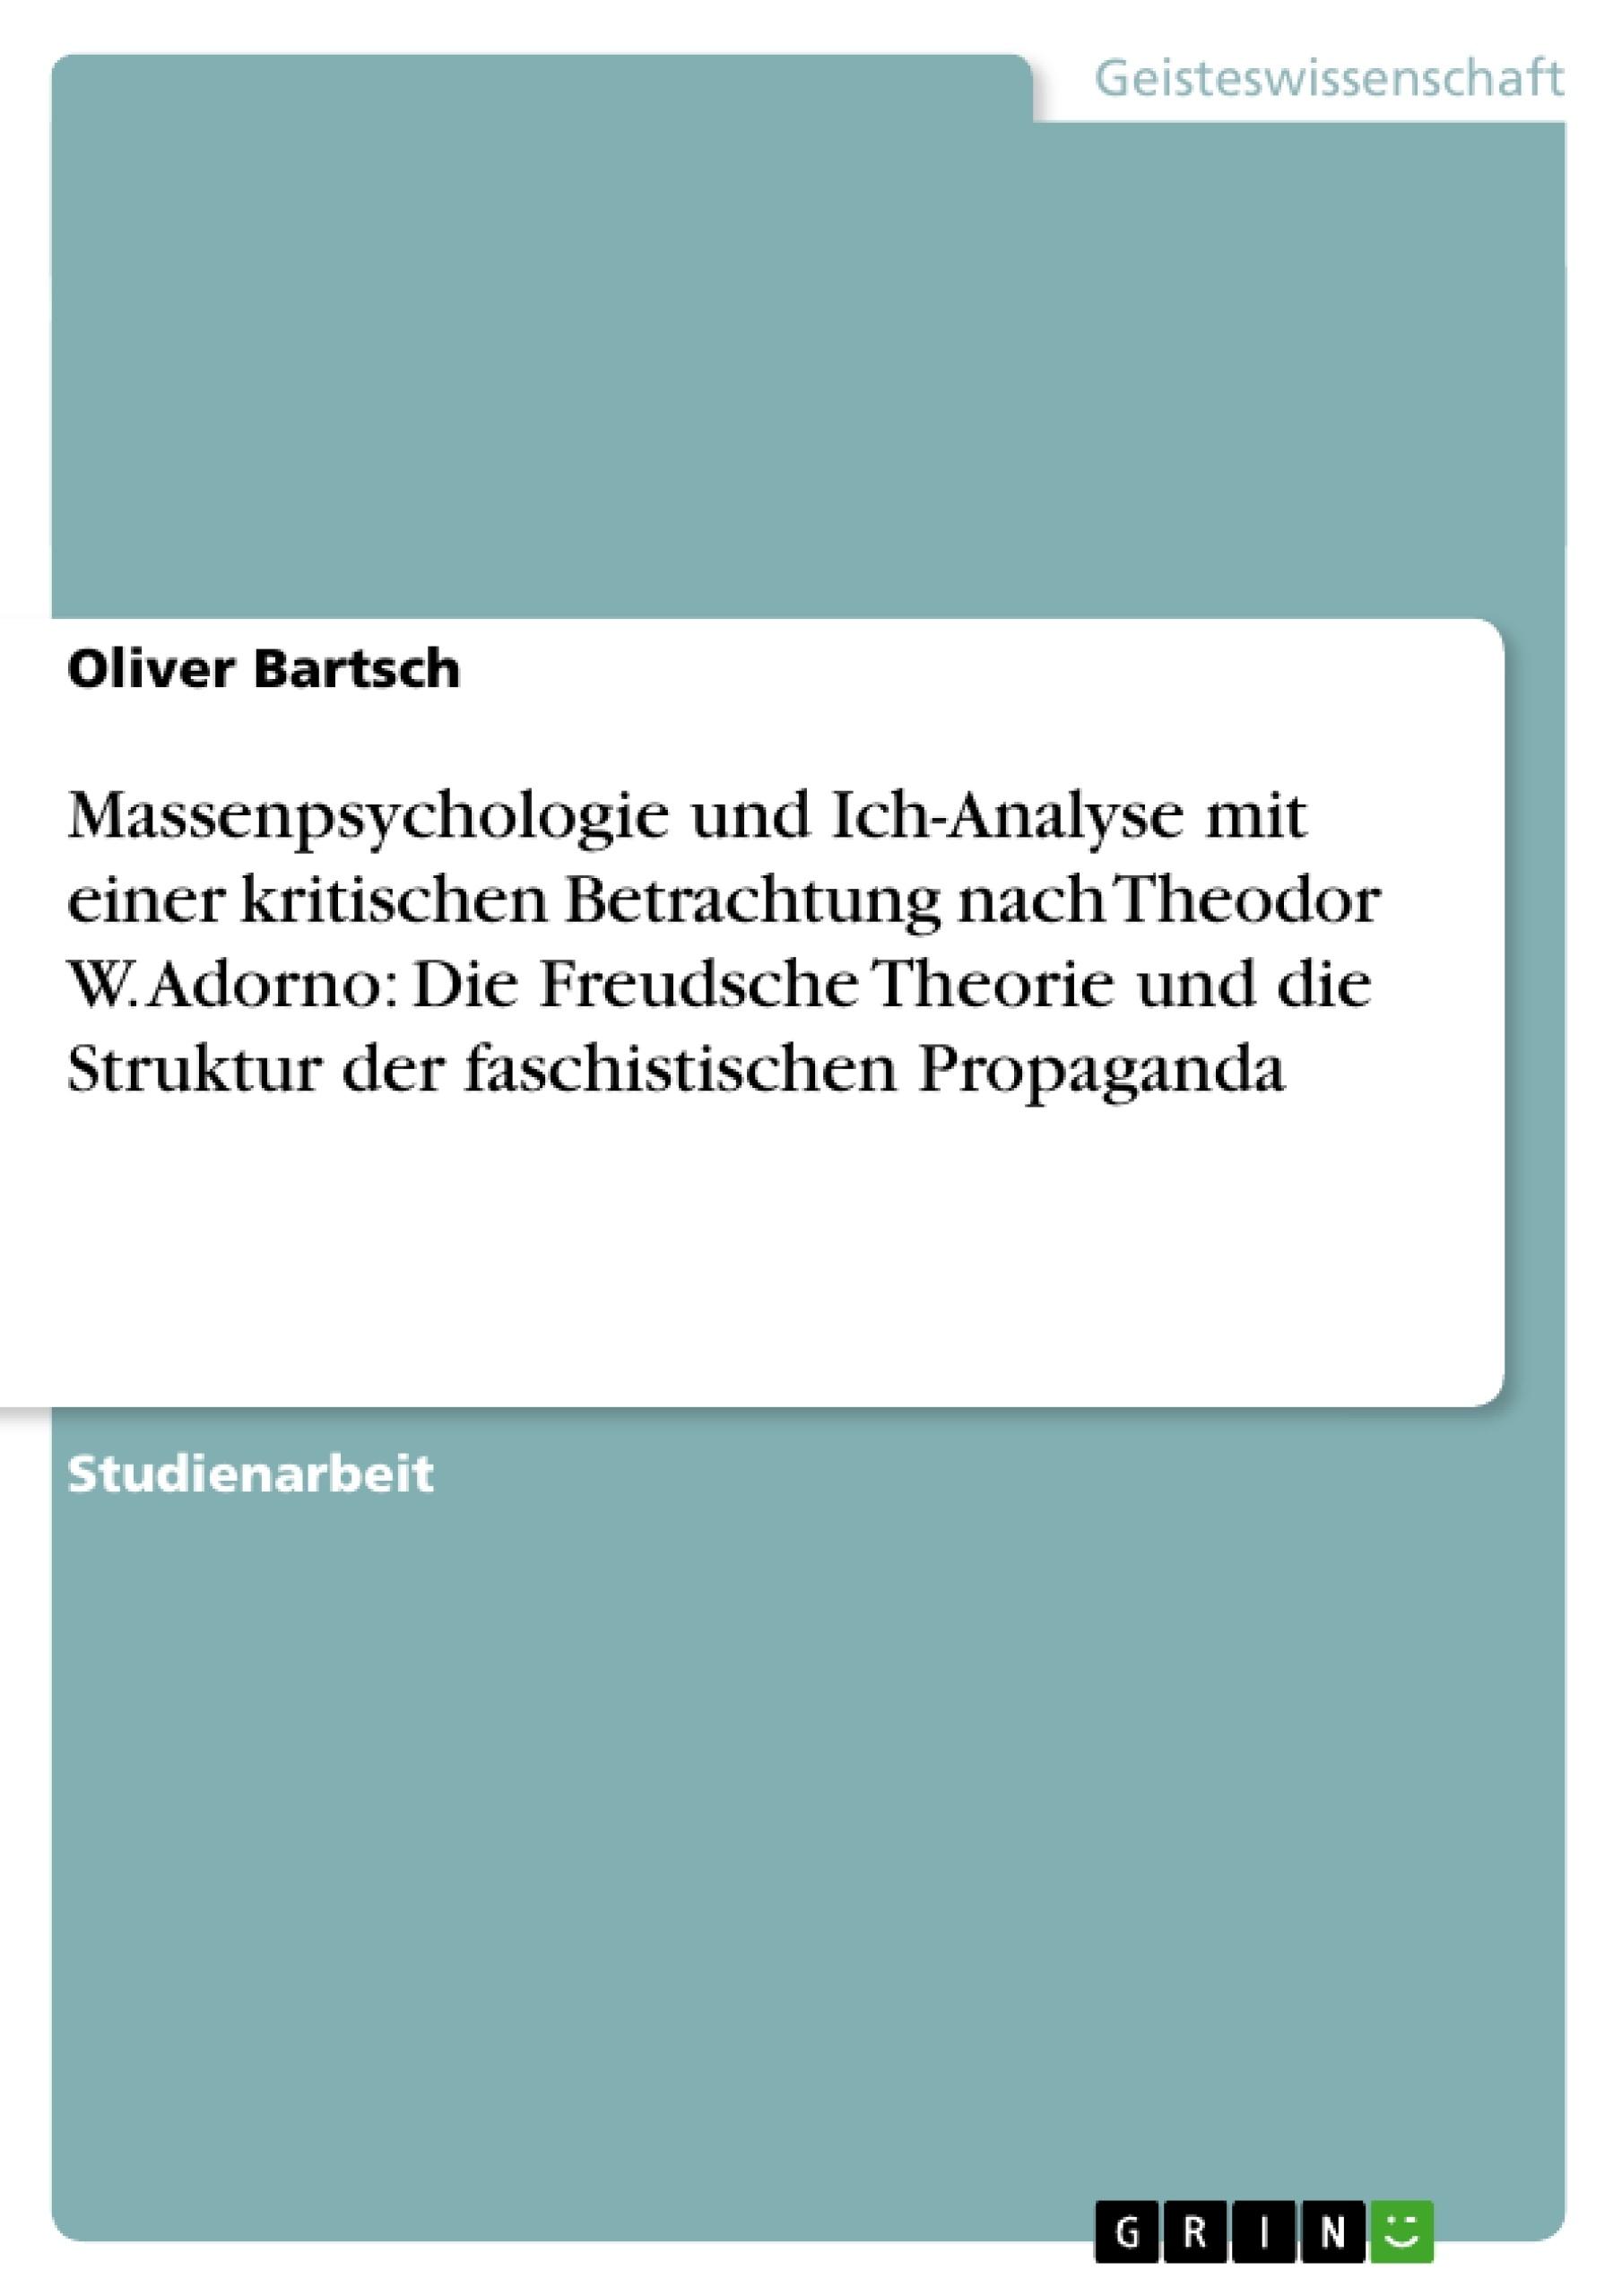 Titel: Massenpsychologie und Ich-Analyse mit einer kritischen Betrachtung nach Theodor W. Adorno: Die Freudsche Theorie und die Struktur der faschistischen Propaganda